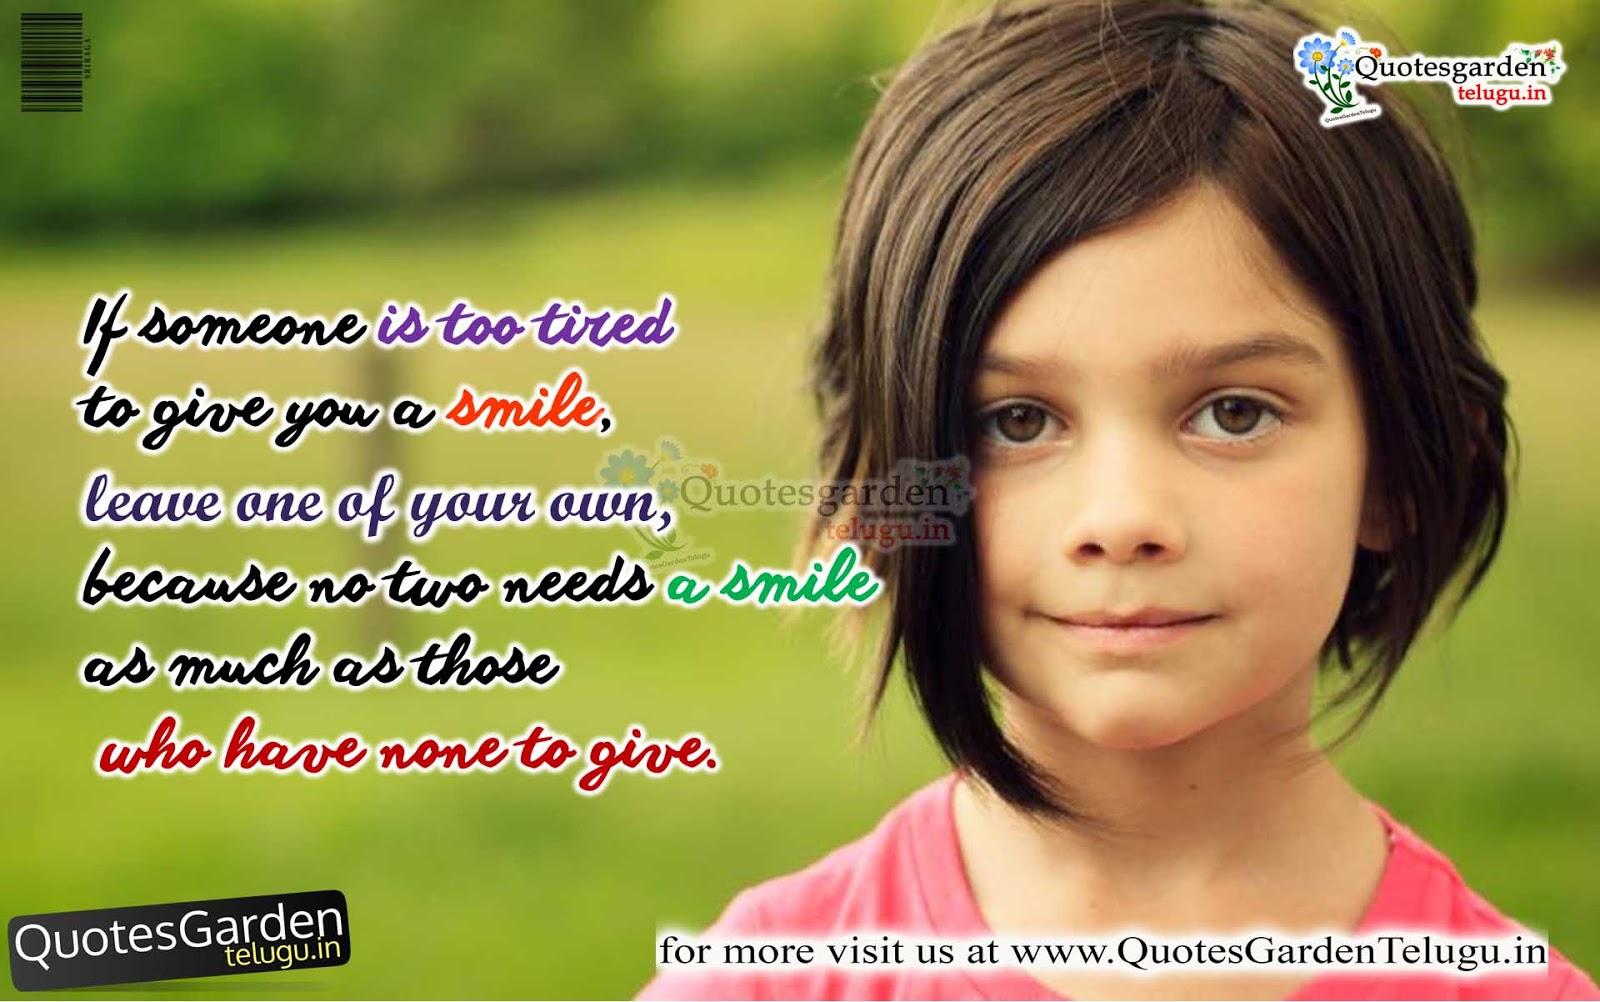 heart touching quotes on smile quotes garden telugu telugu